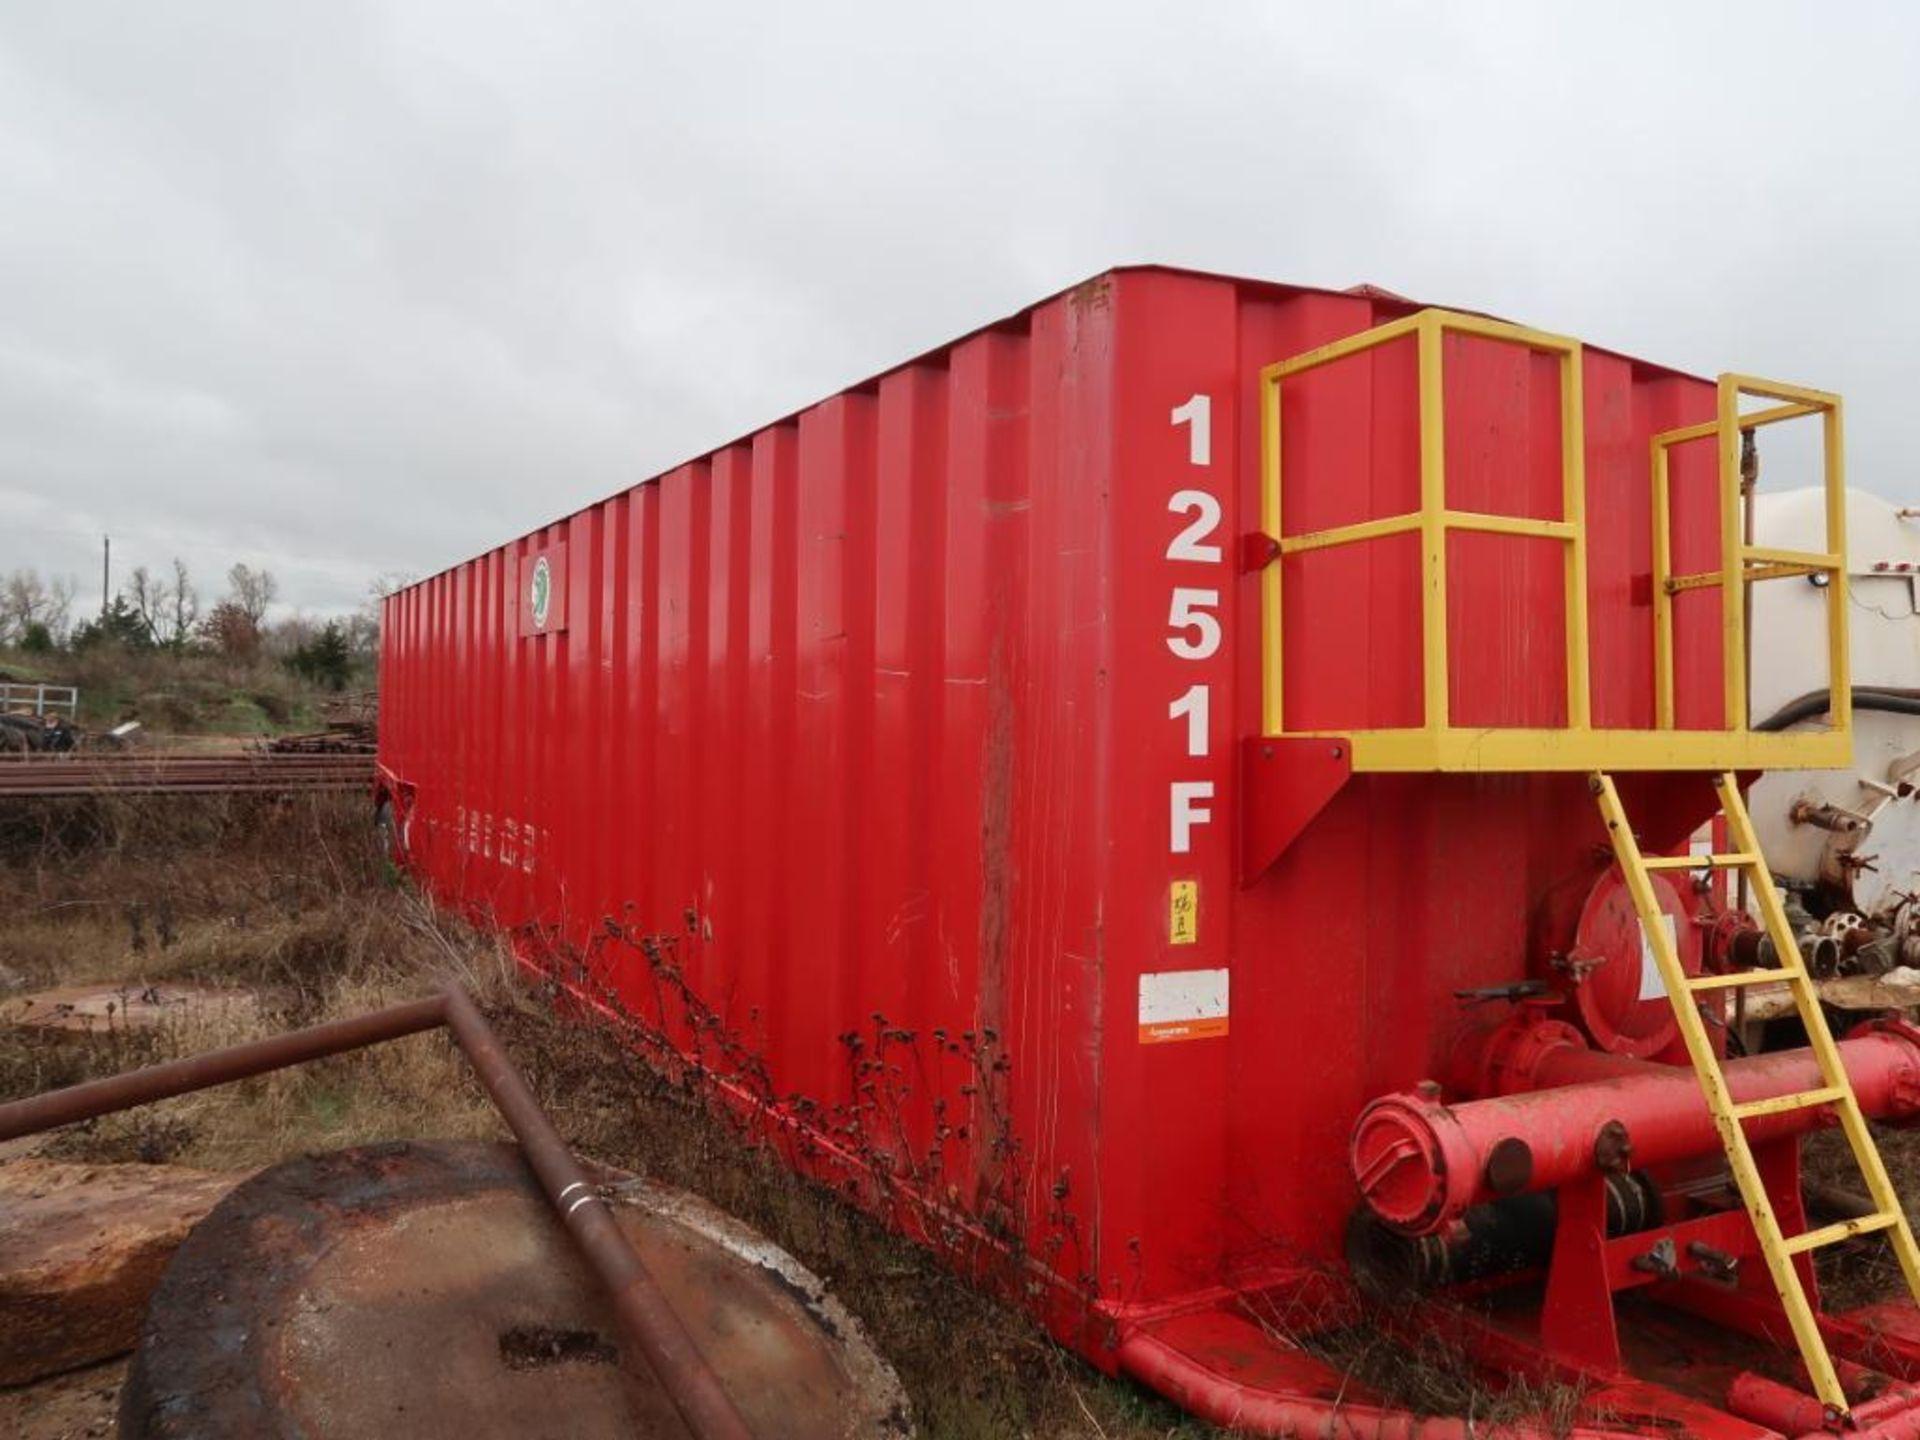 Lot 56A - Frac Tank 1271F (Note: Tank is Full), Unit #1251F. 2012 ARIFR FRAC TANK, VIN: 1A9FT4617CG901049